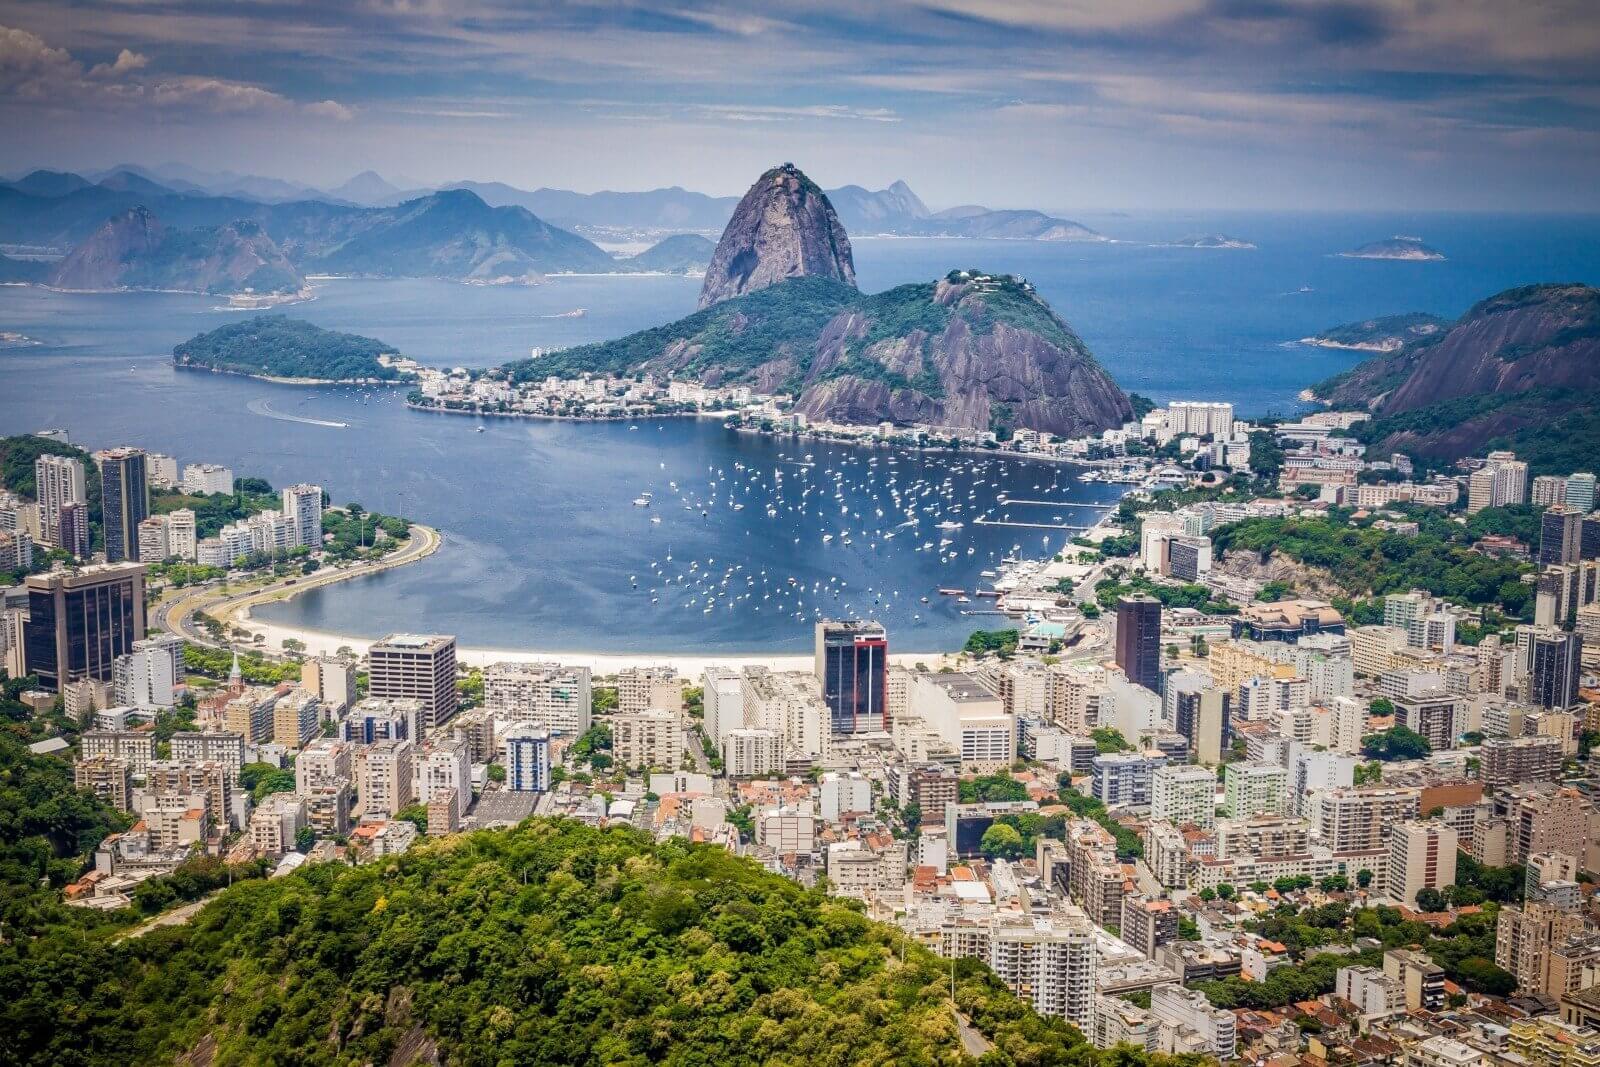 Capa A mais nova mudança na paisagem da orla carioca custou 20 milhões de reais